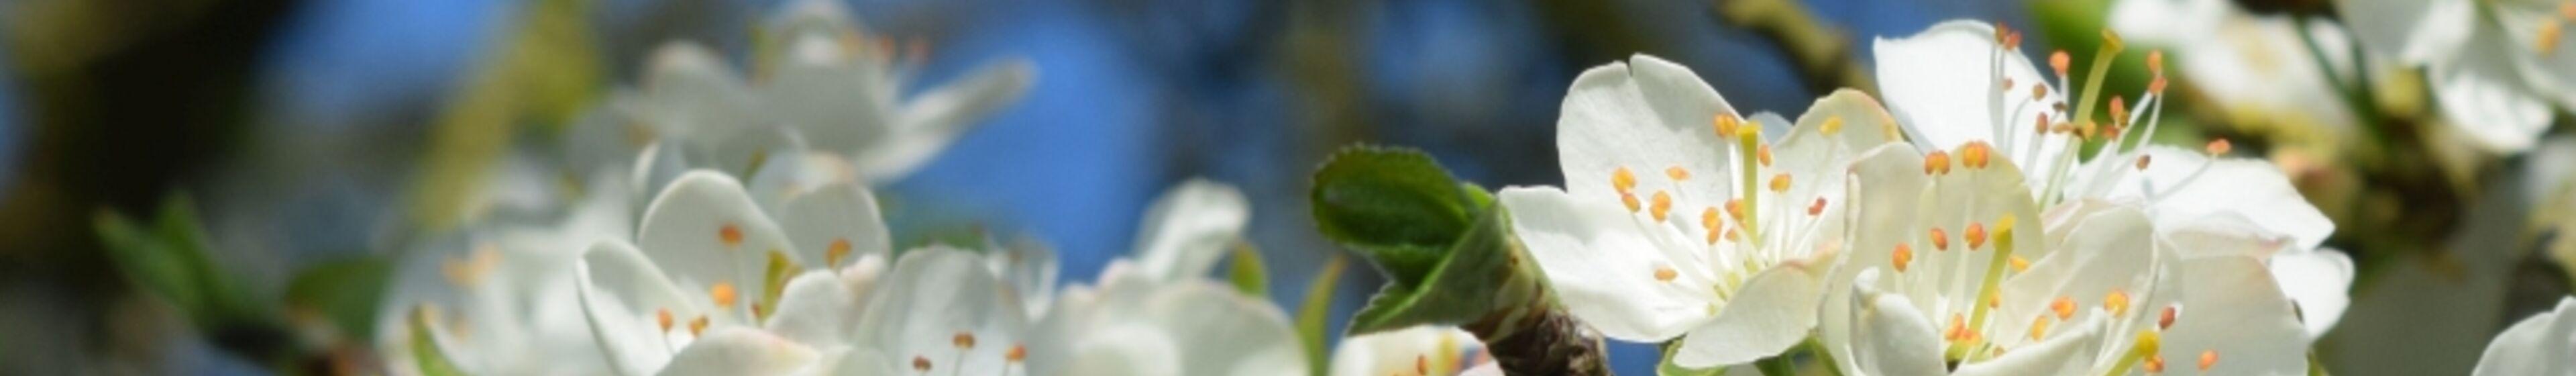 04_pflaumenblüte